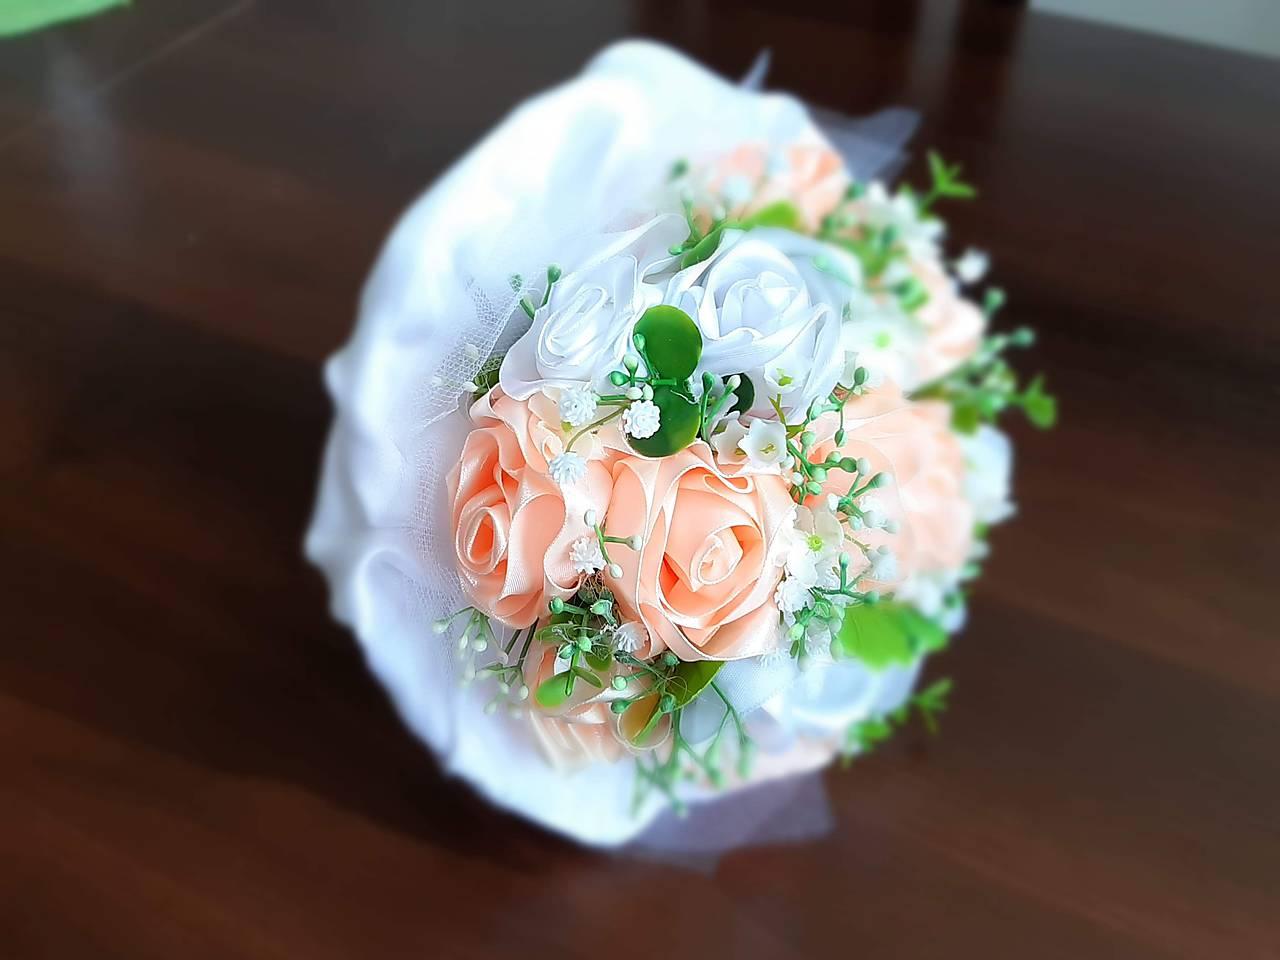 svadobná kytica marhuľová - Obrázok č. 4